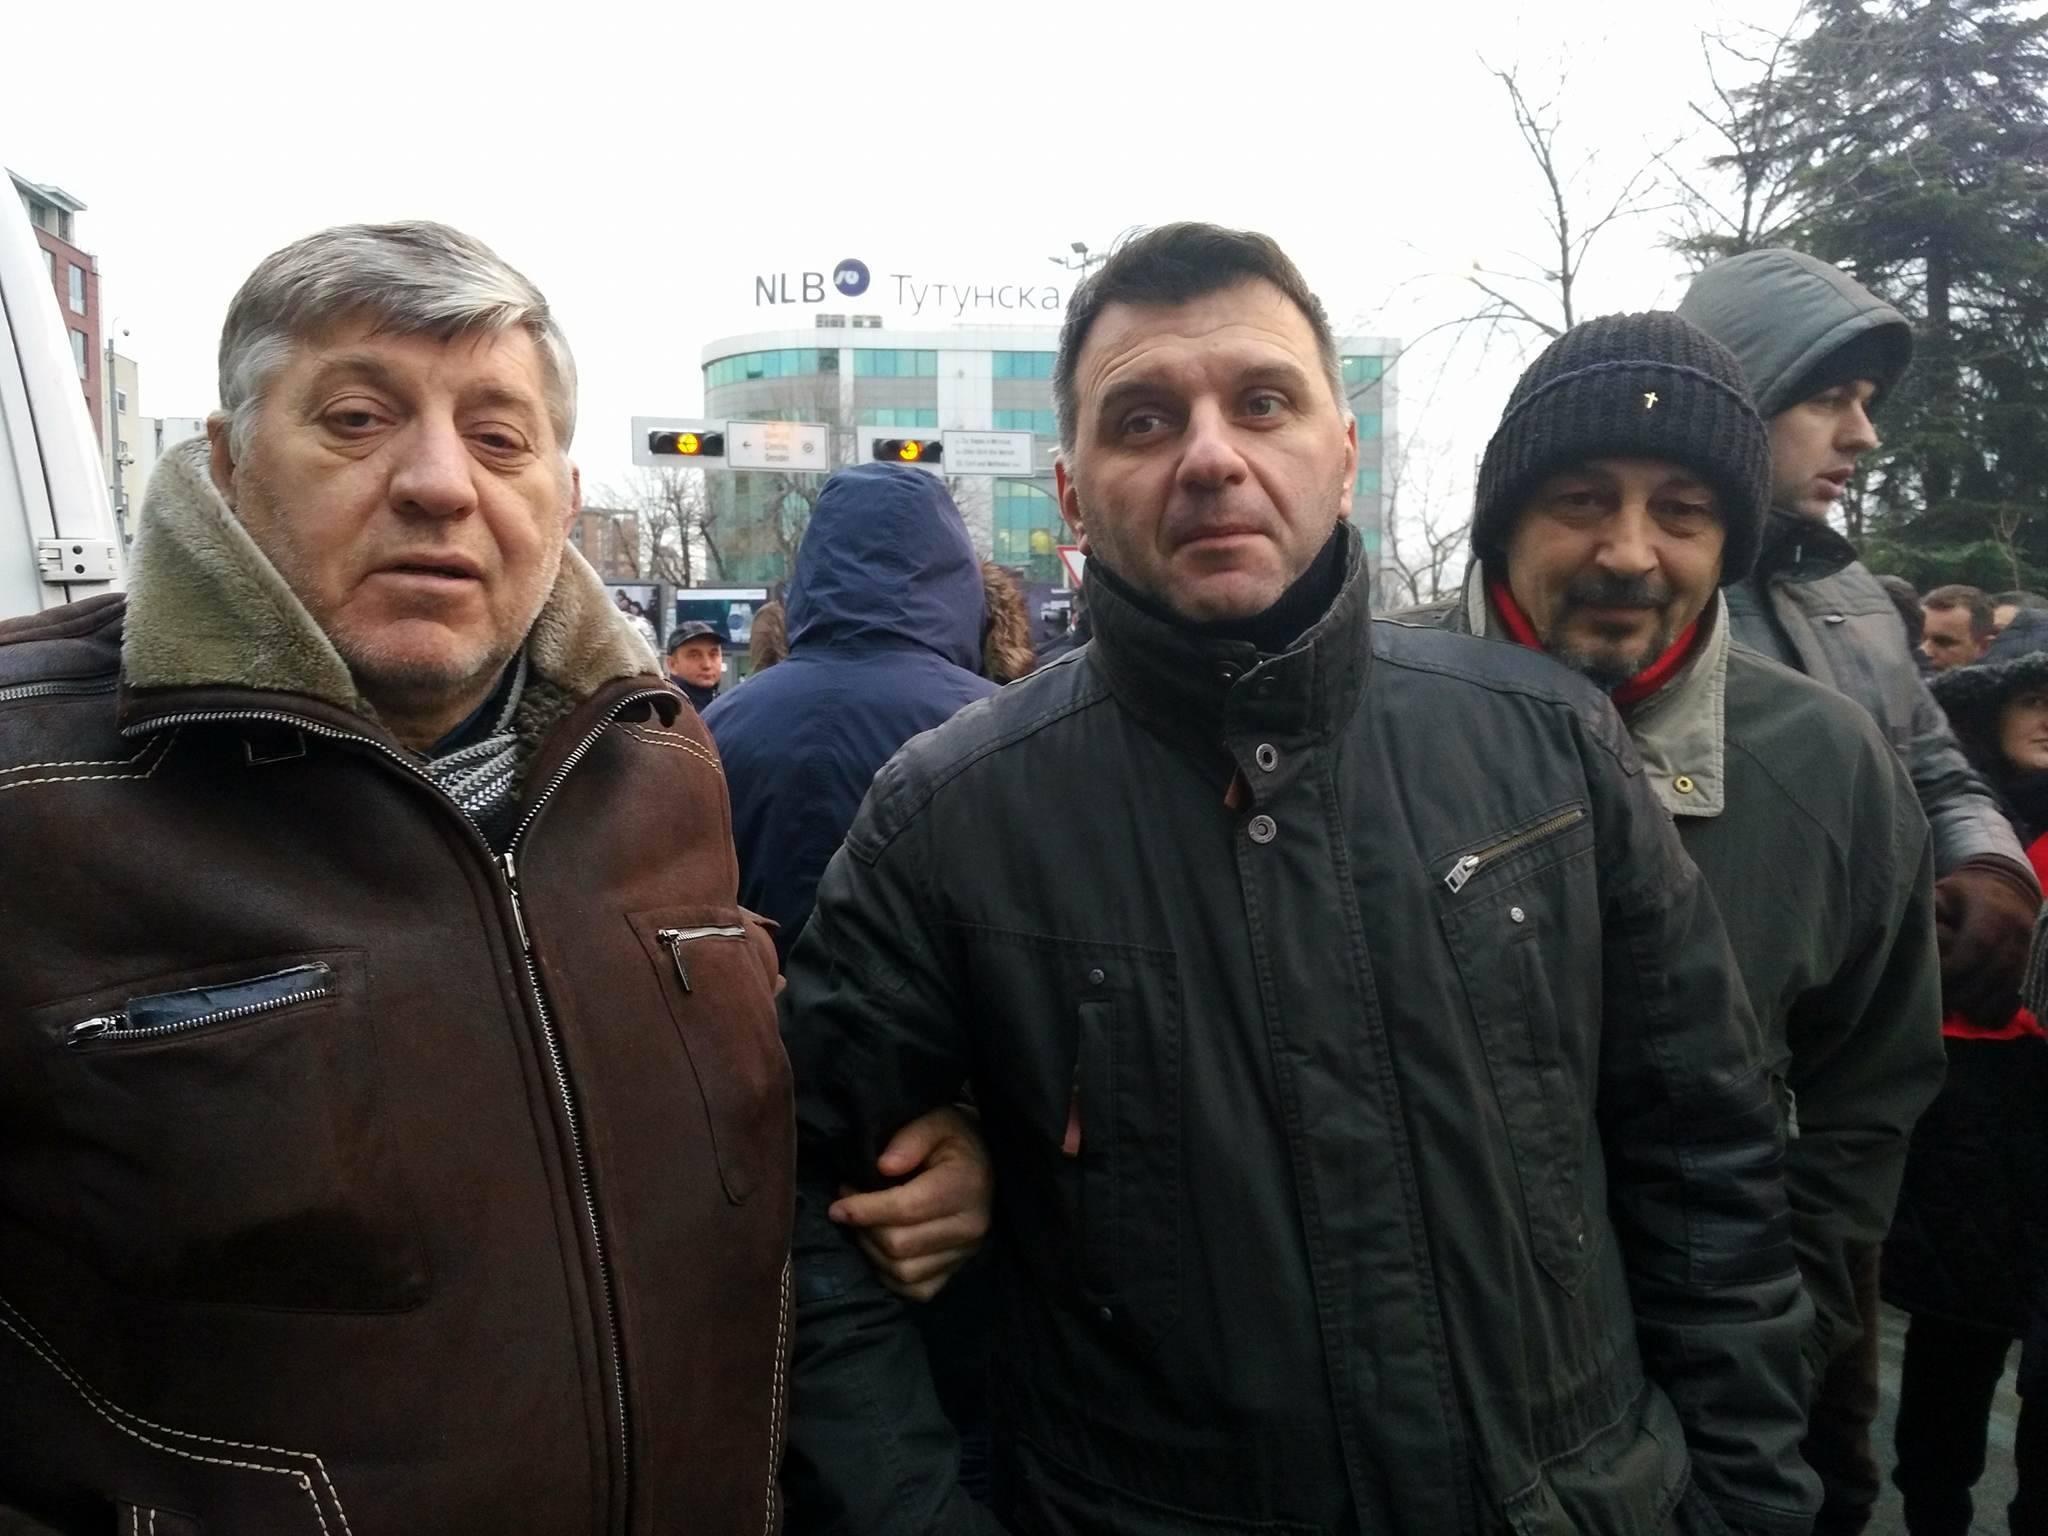 Јохан Тарчуловски со симпатизерри на ВМРО-ДПМНЕ